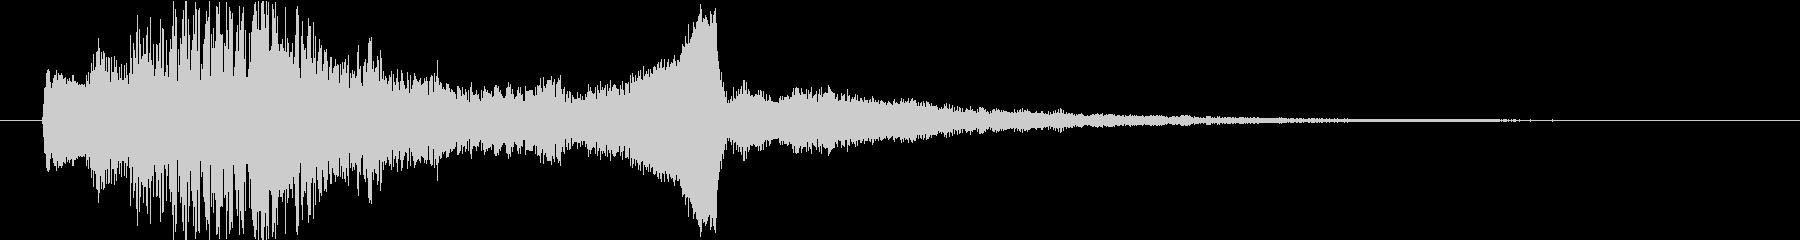 高級感キラキラ華やかブランドサウンドロゴの未再生の波形